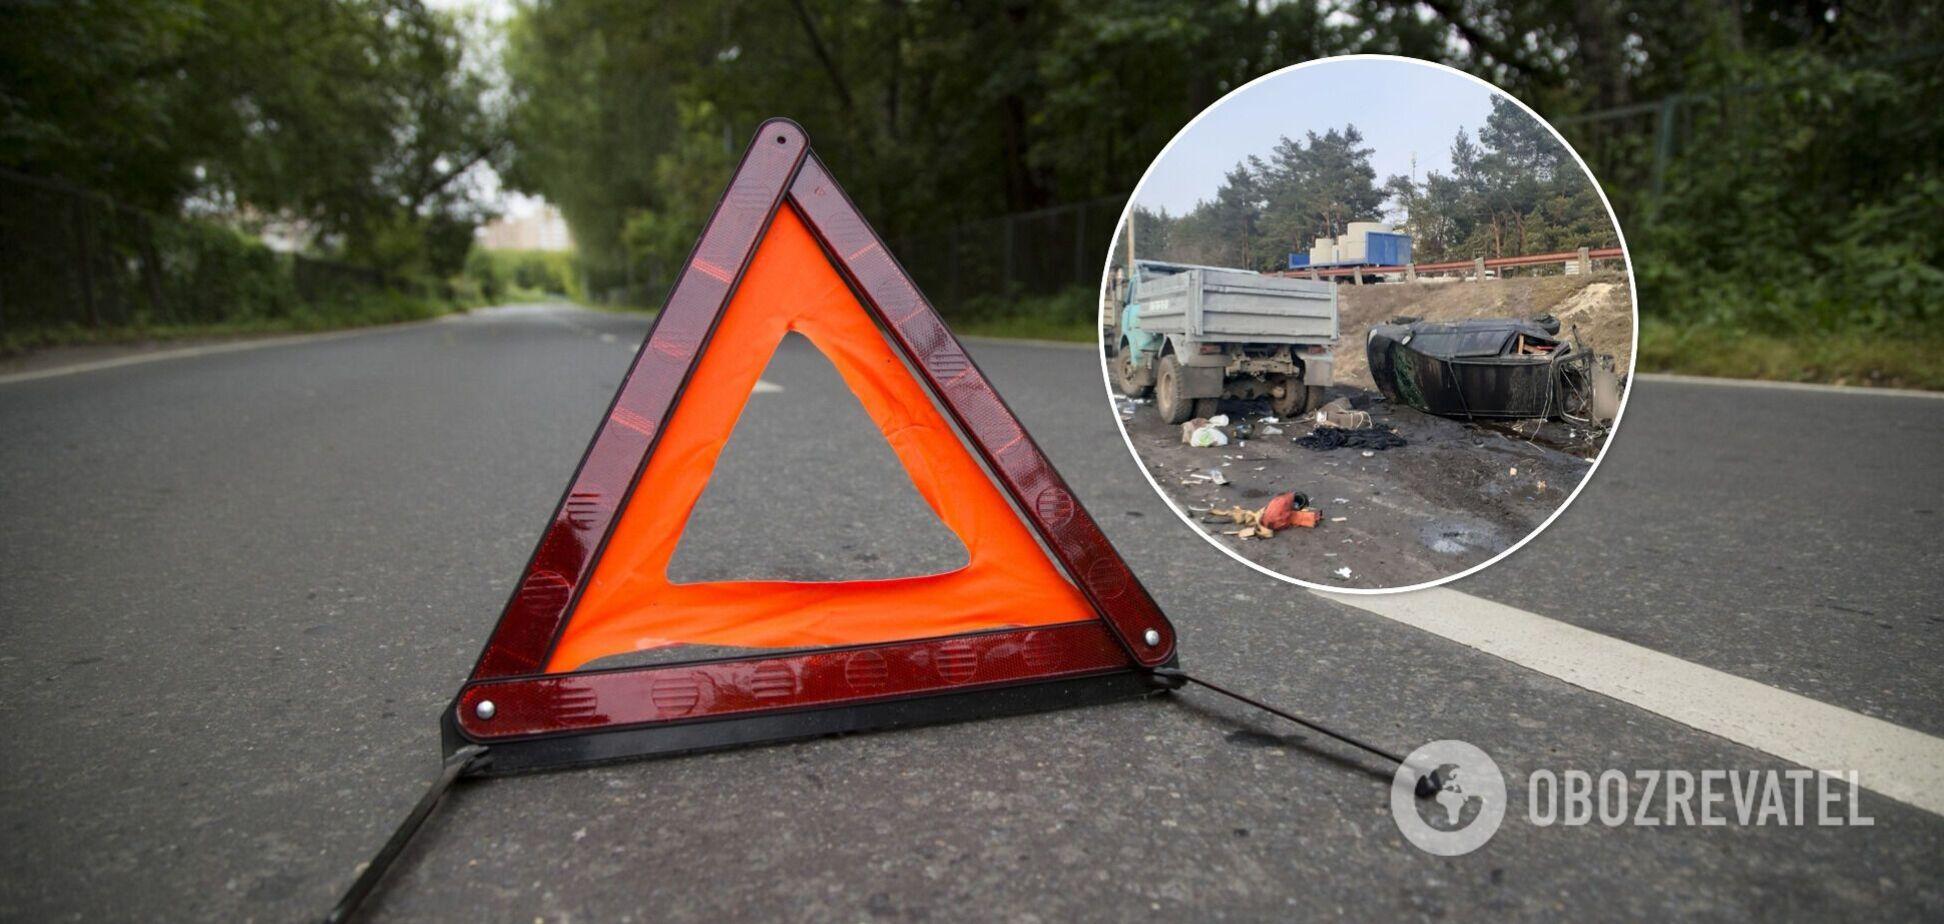 В Киеве произошло серьезное ДТП с двумя легковушками и грузовиком. Фото и видео